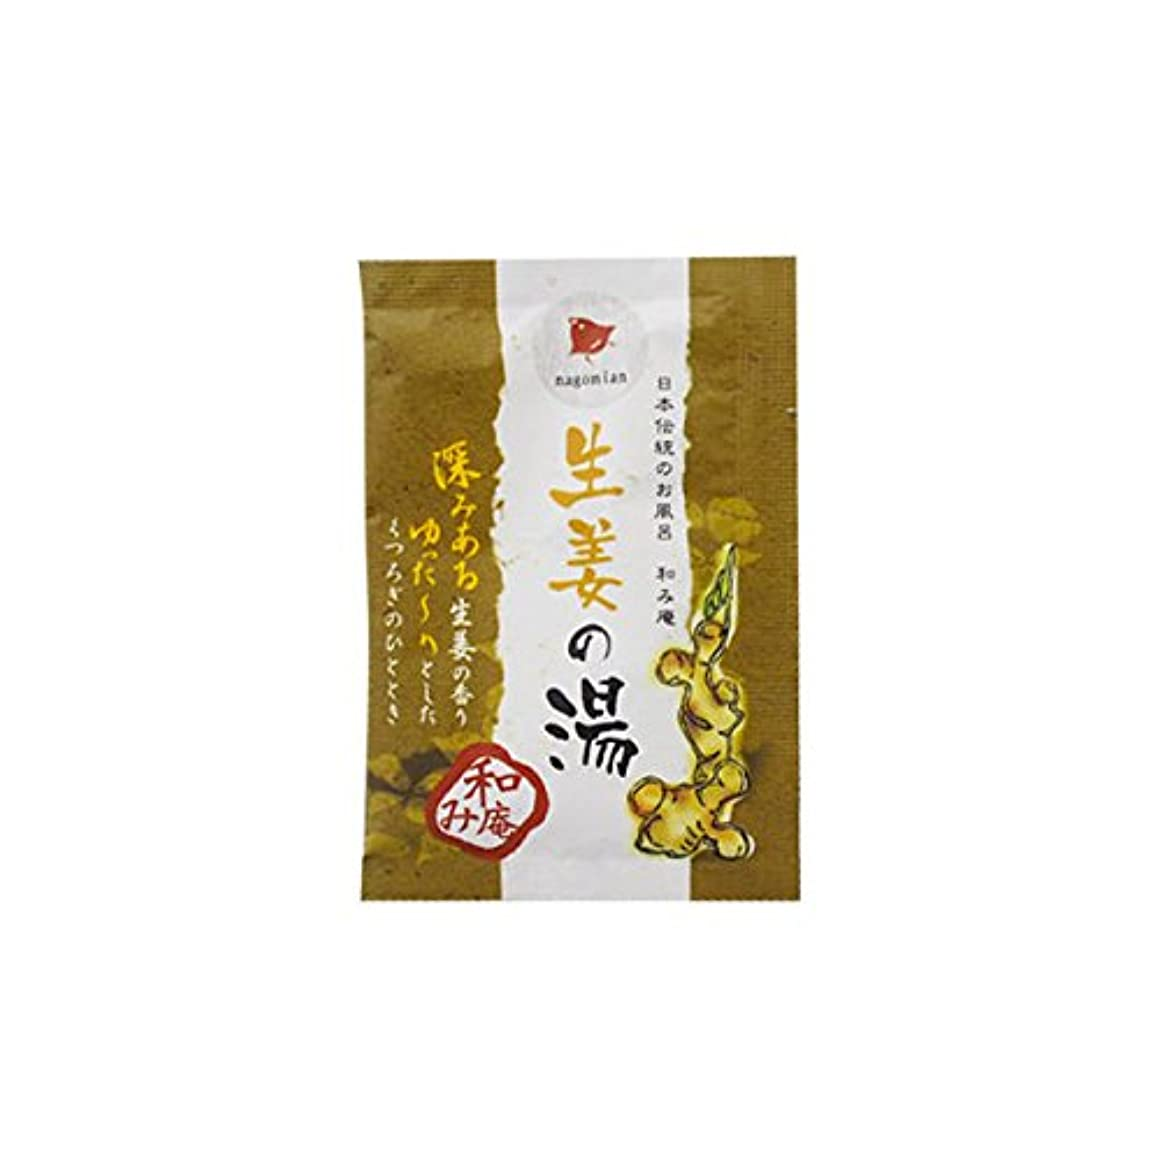 エクスタシー振動する変化和み庵 入浴剤 「生姜の湯」30個